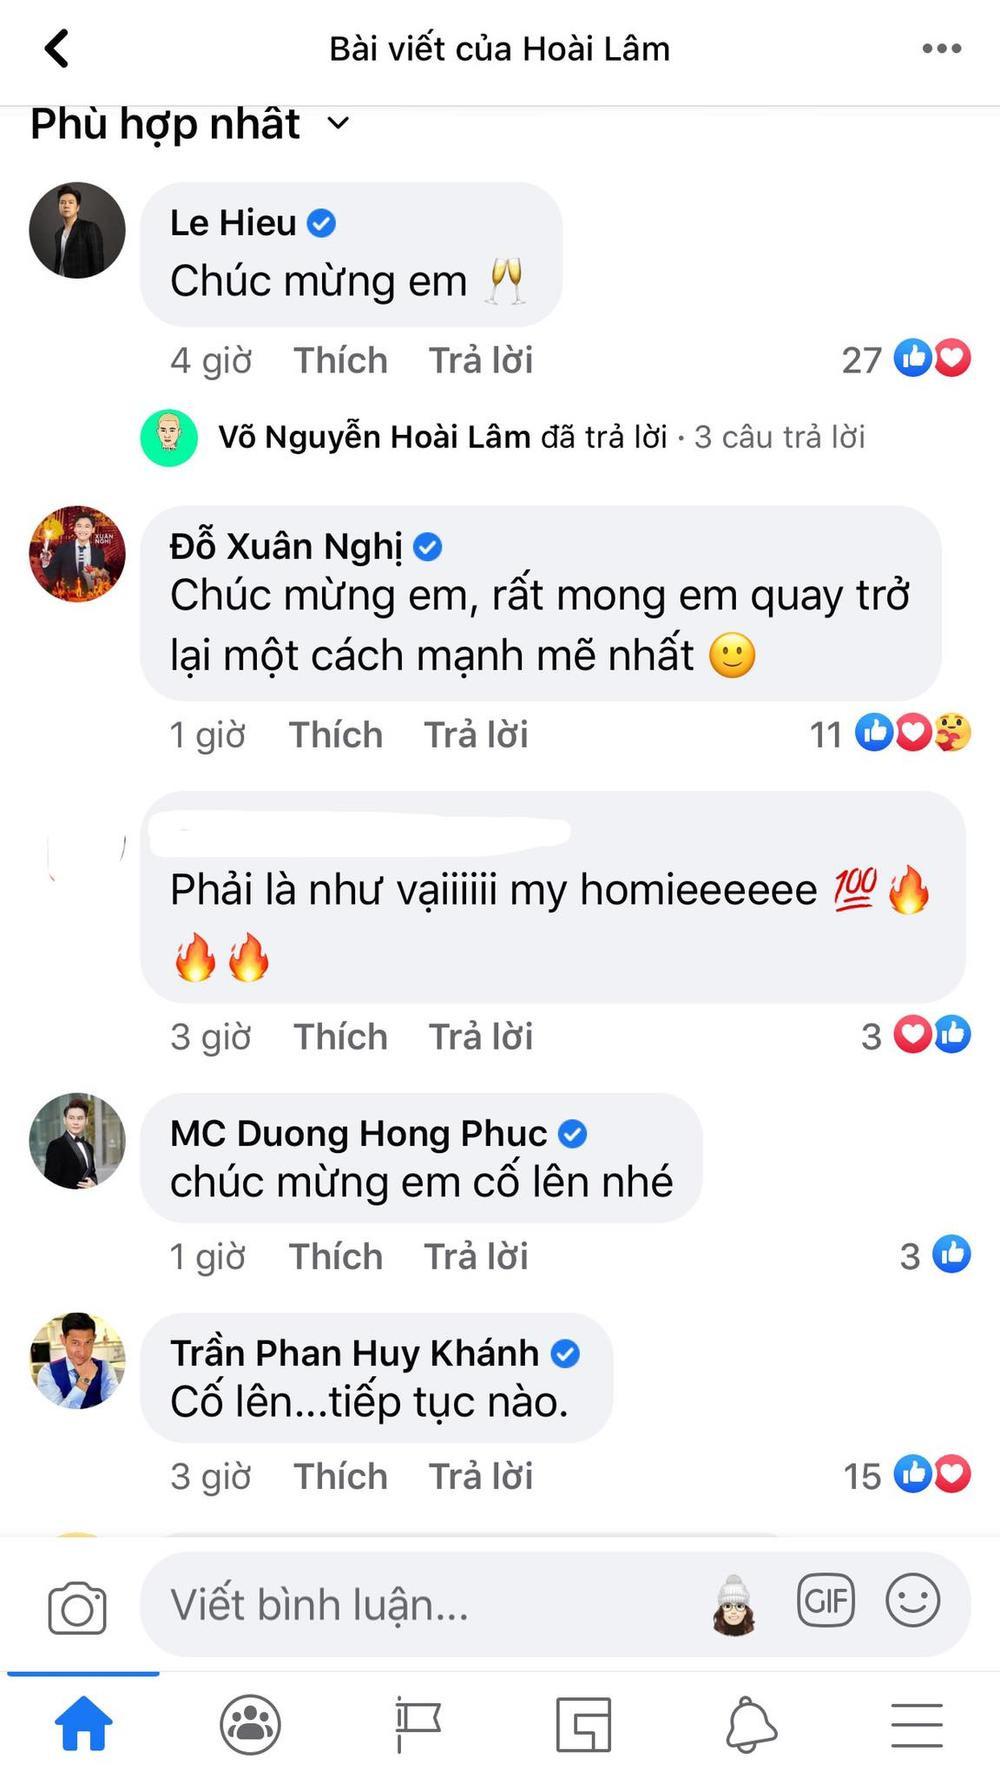 Kênh Youtube của Hoài Lâm cán mốc 1 triệu lượt đăng ký, Lê Hiếu - Xuân Nghị vào chúc mừng Ảnh 3